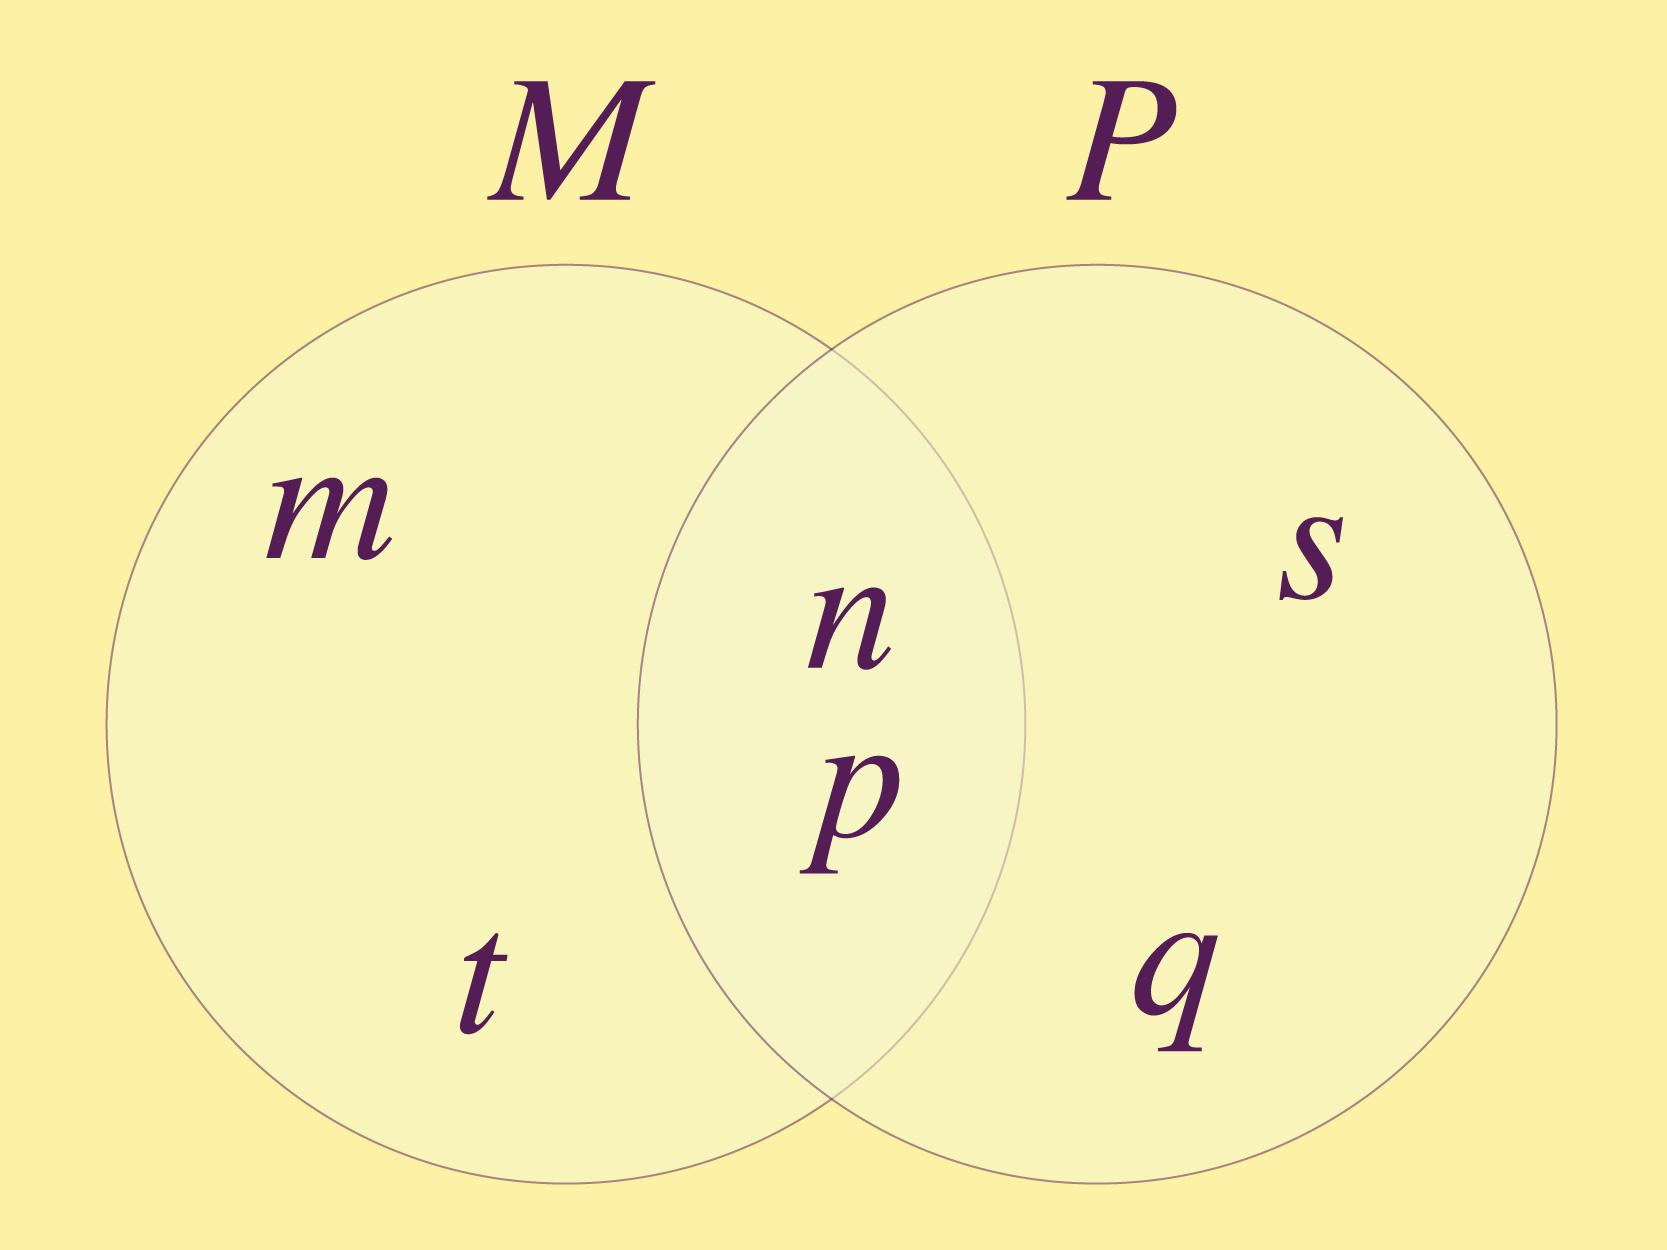 Representação dos conjuntos que compartilham elementos.